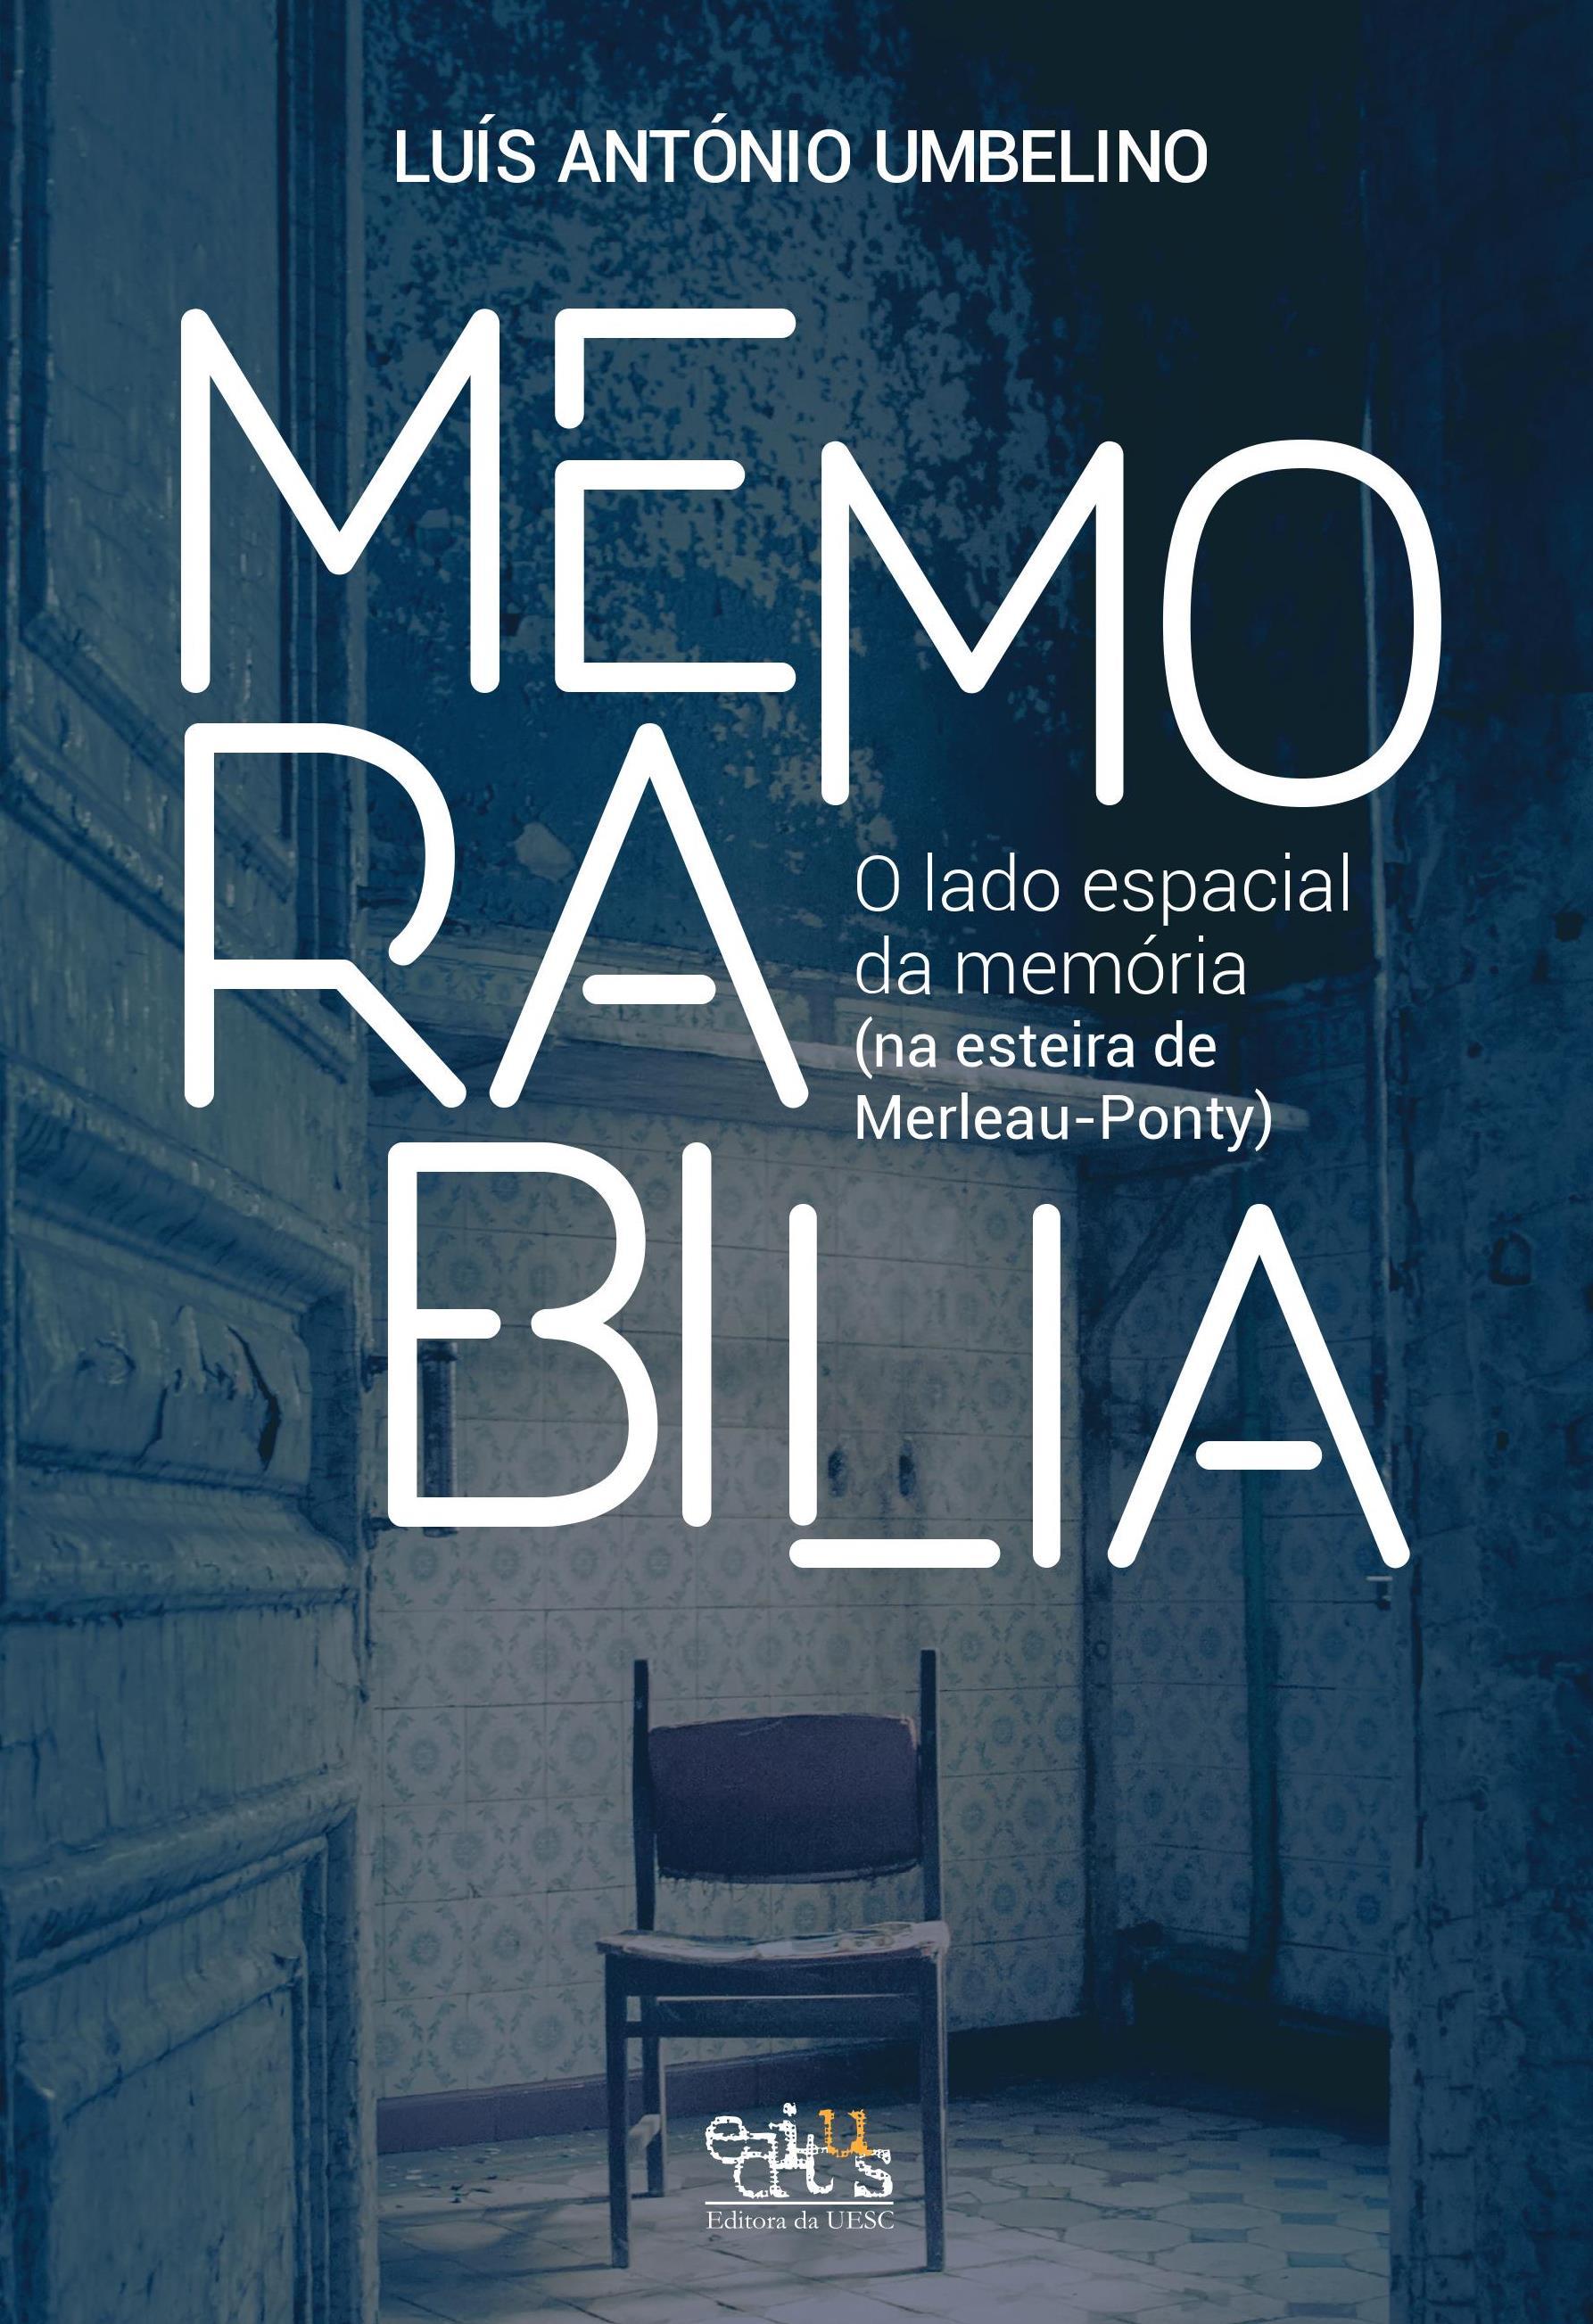 Memorabilia. O lado espacial da memória (na estreia de Merleau-Ponty), livro de Luís António Umbelino